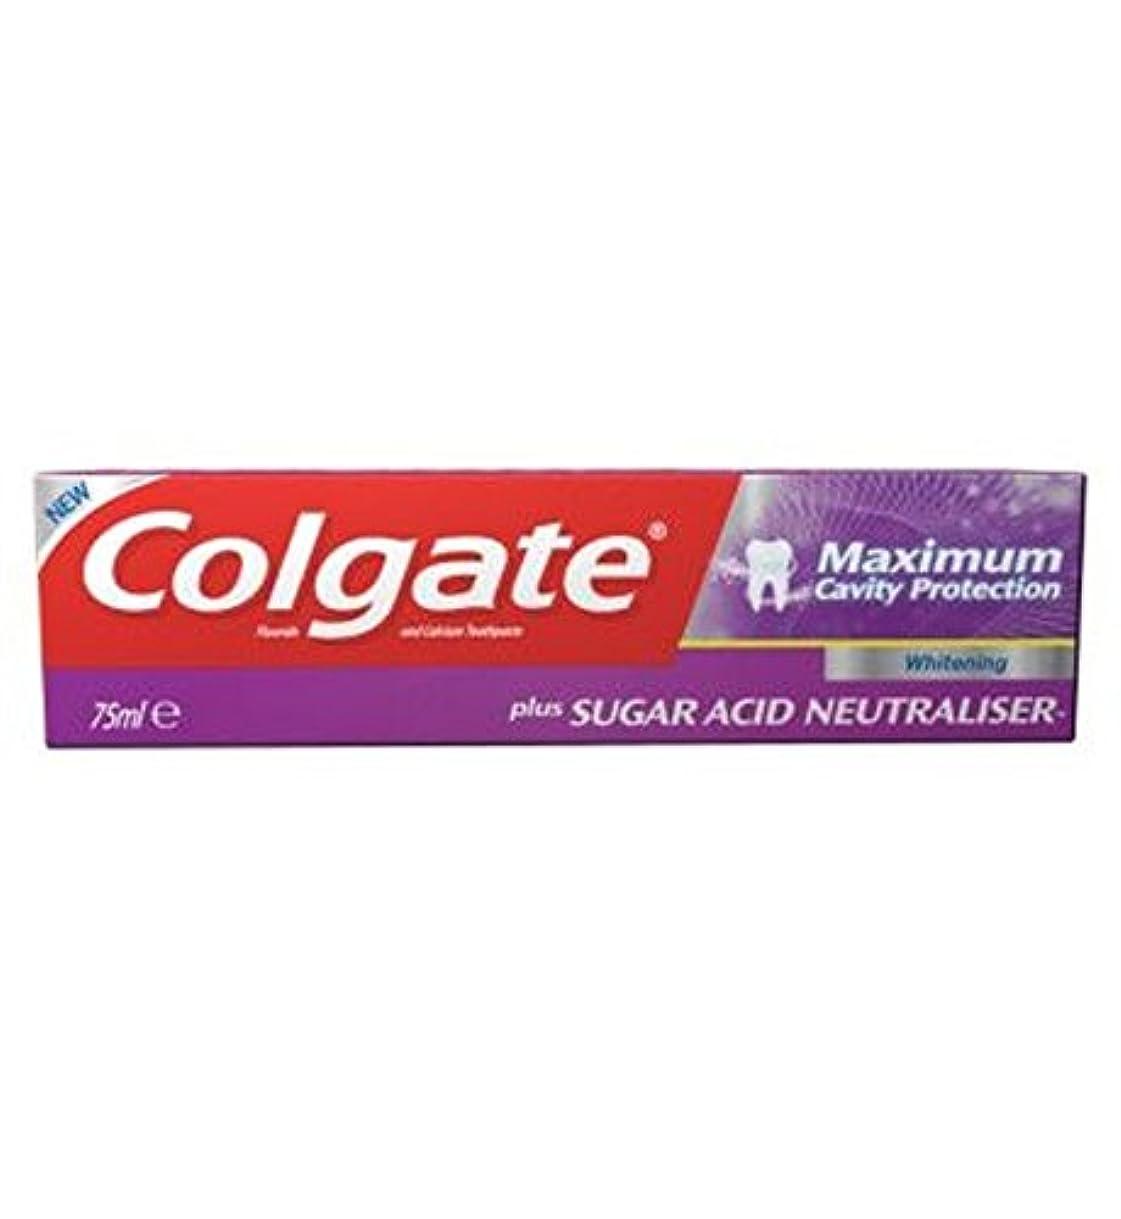 もつれボルトヒロイン歯磨き粉75ミリリットルをホワイトニングコルゲート最大空洞の保護に加えて、糖酸中和剤 (Colgate) (x2) - Colgate Maximum Cavity Protection plus Sugar Acid...